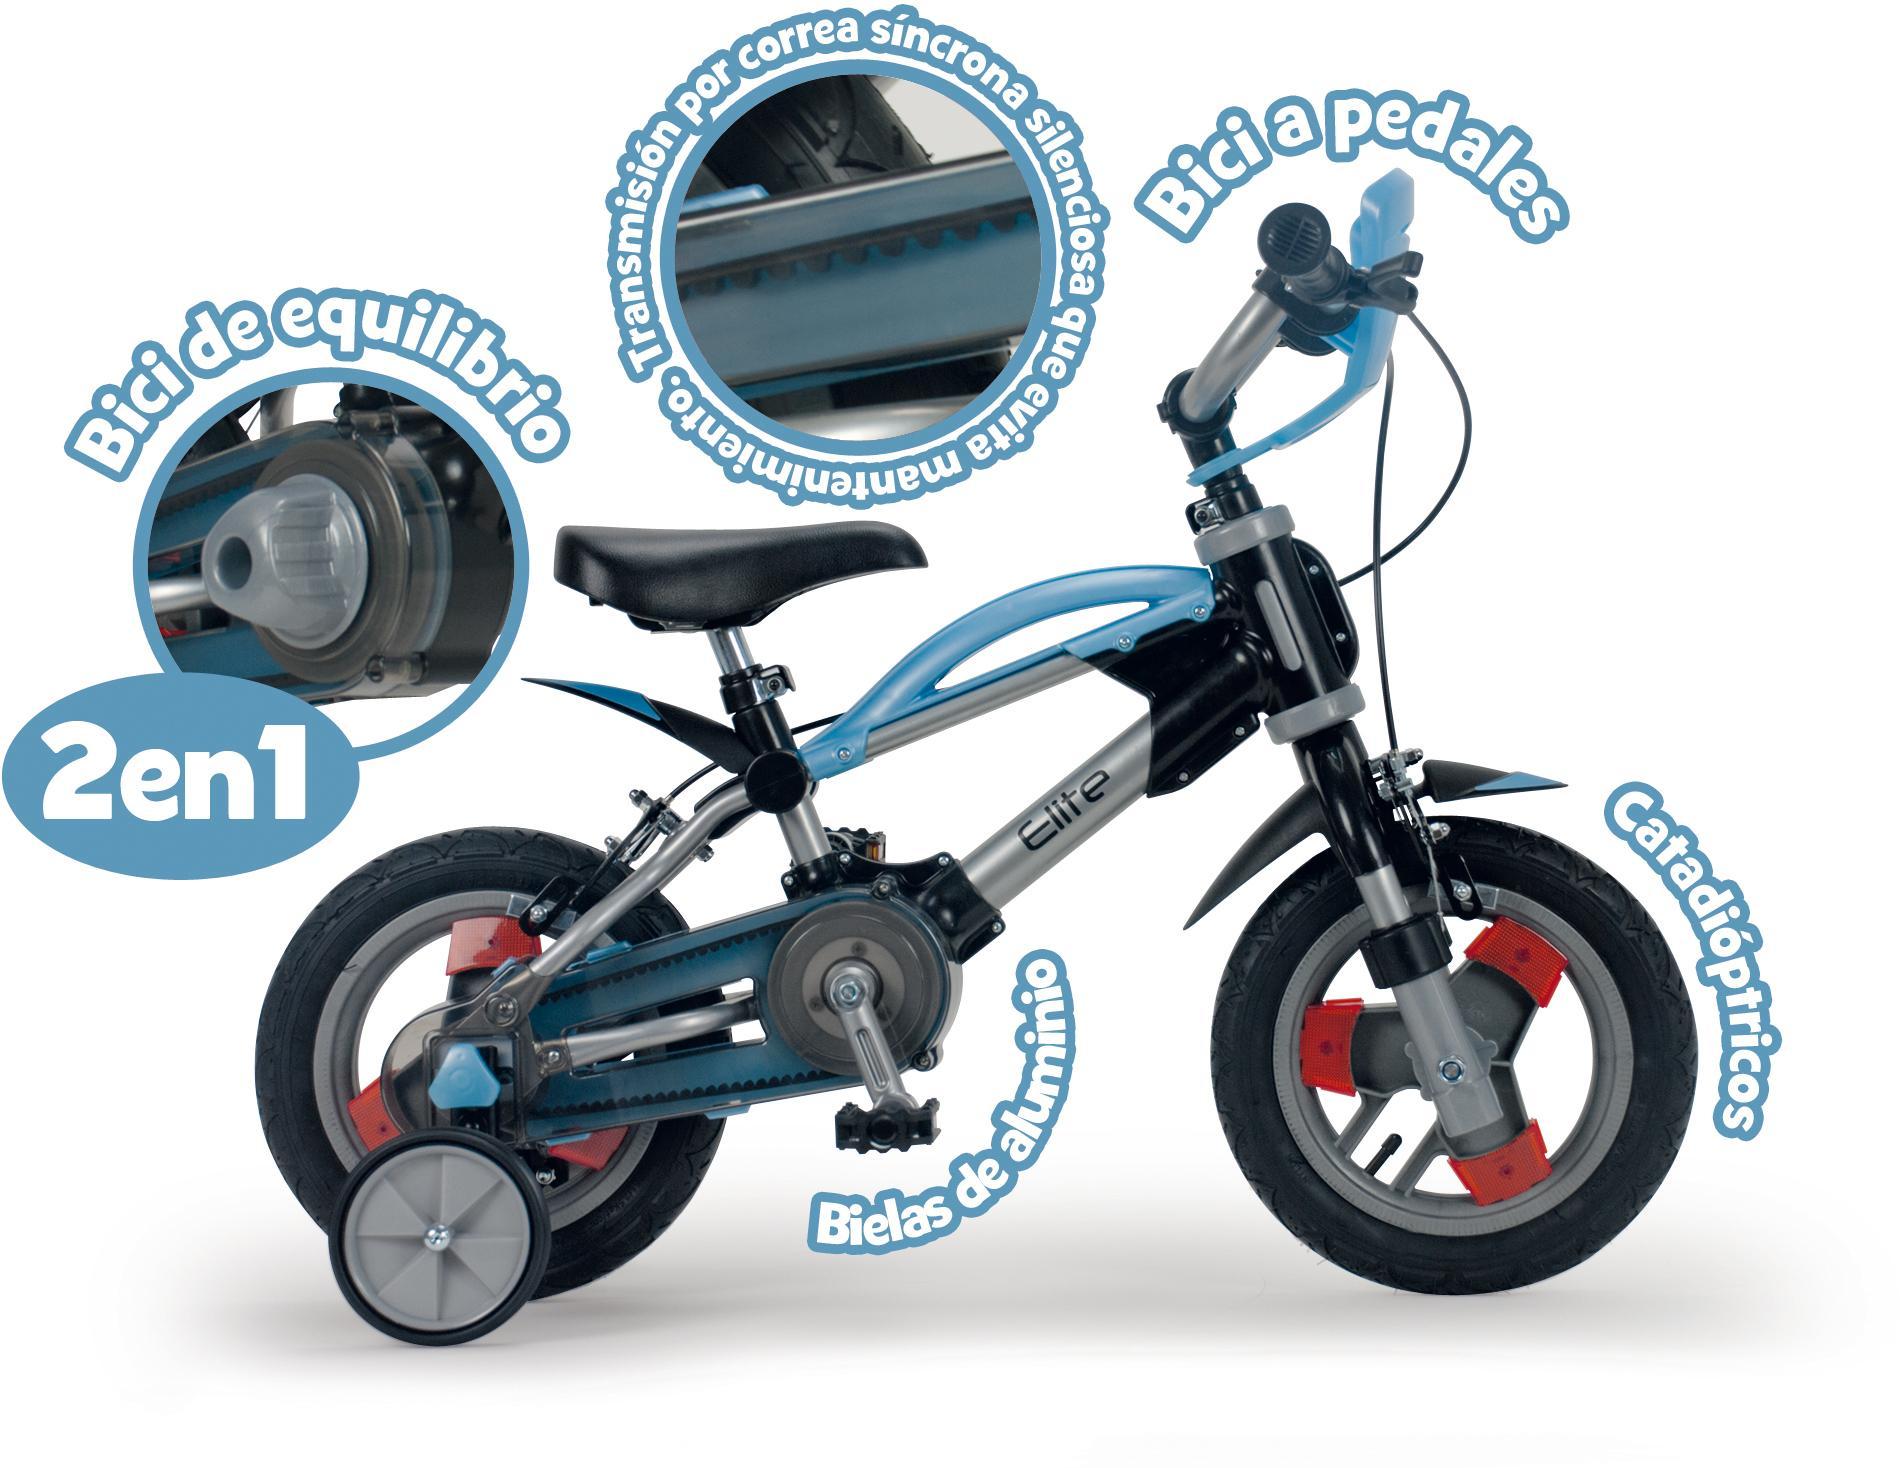 Ampliar. Está diseñada para empezar siendo una bicicleta ...